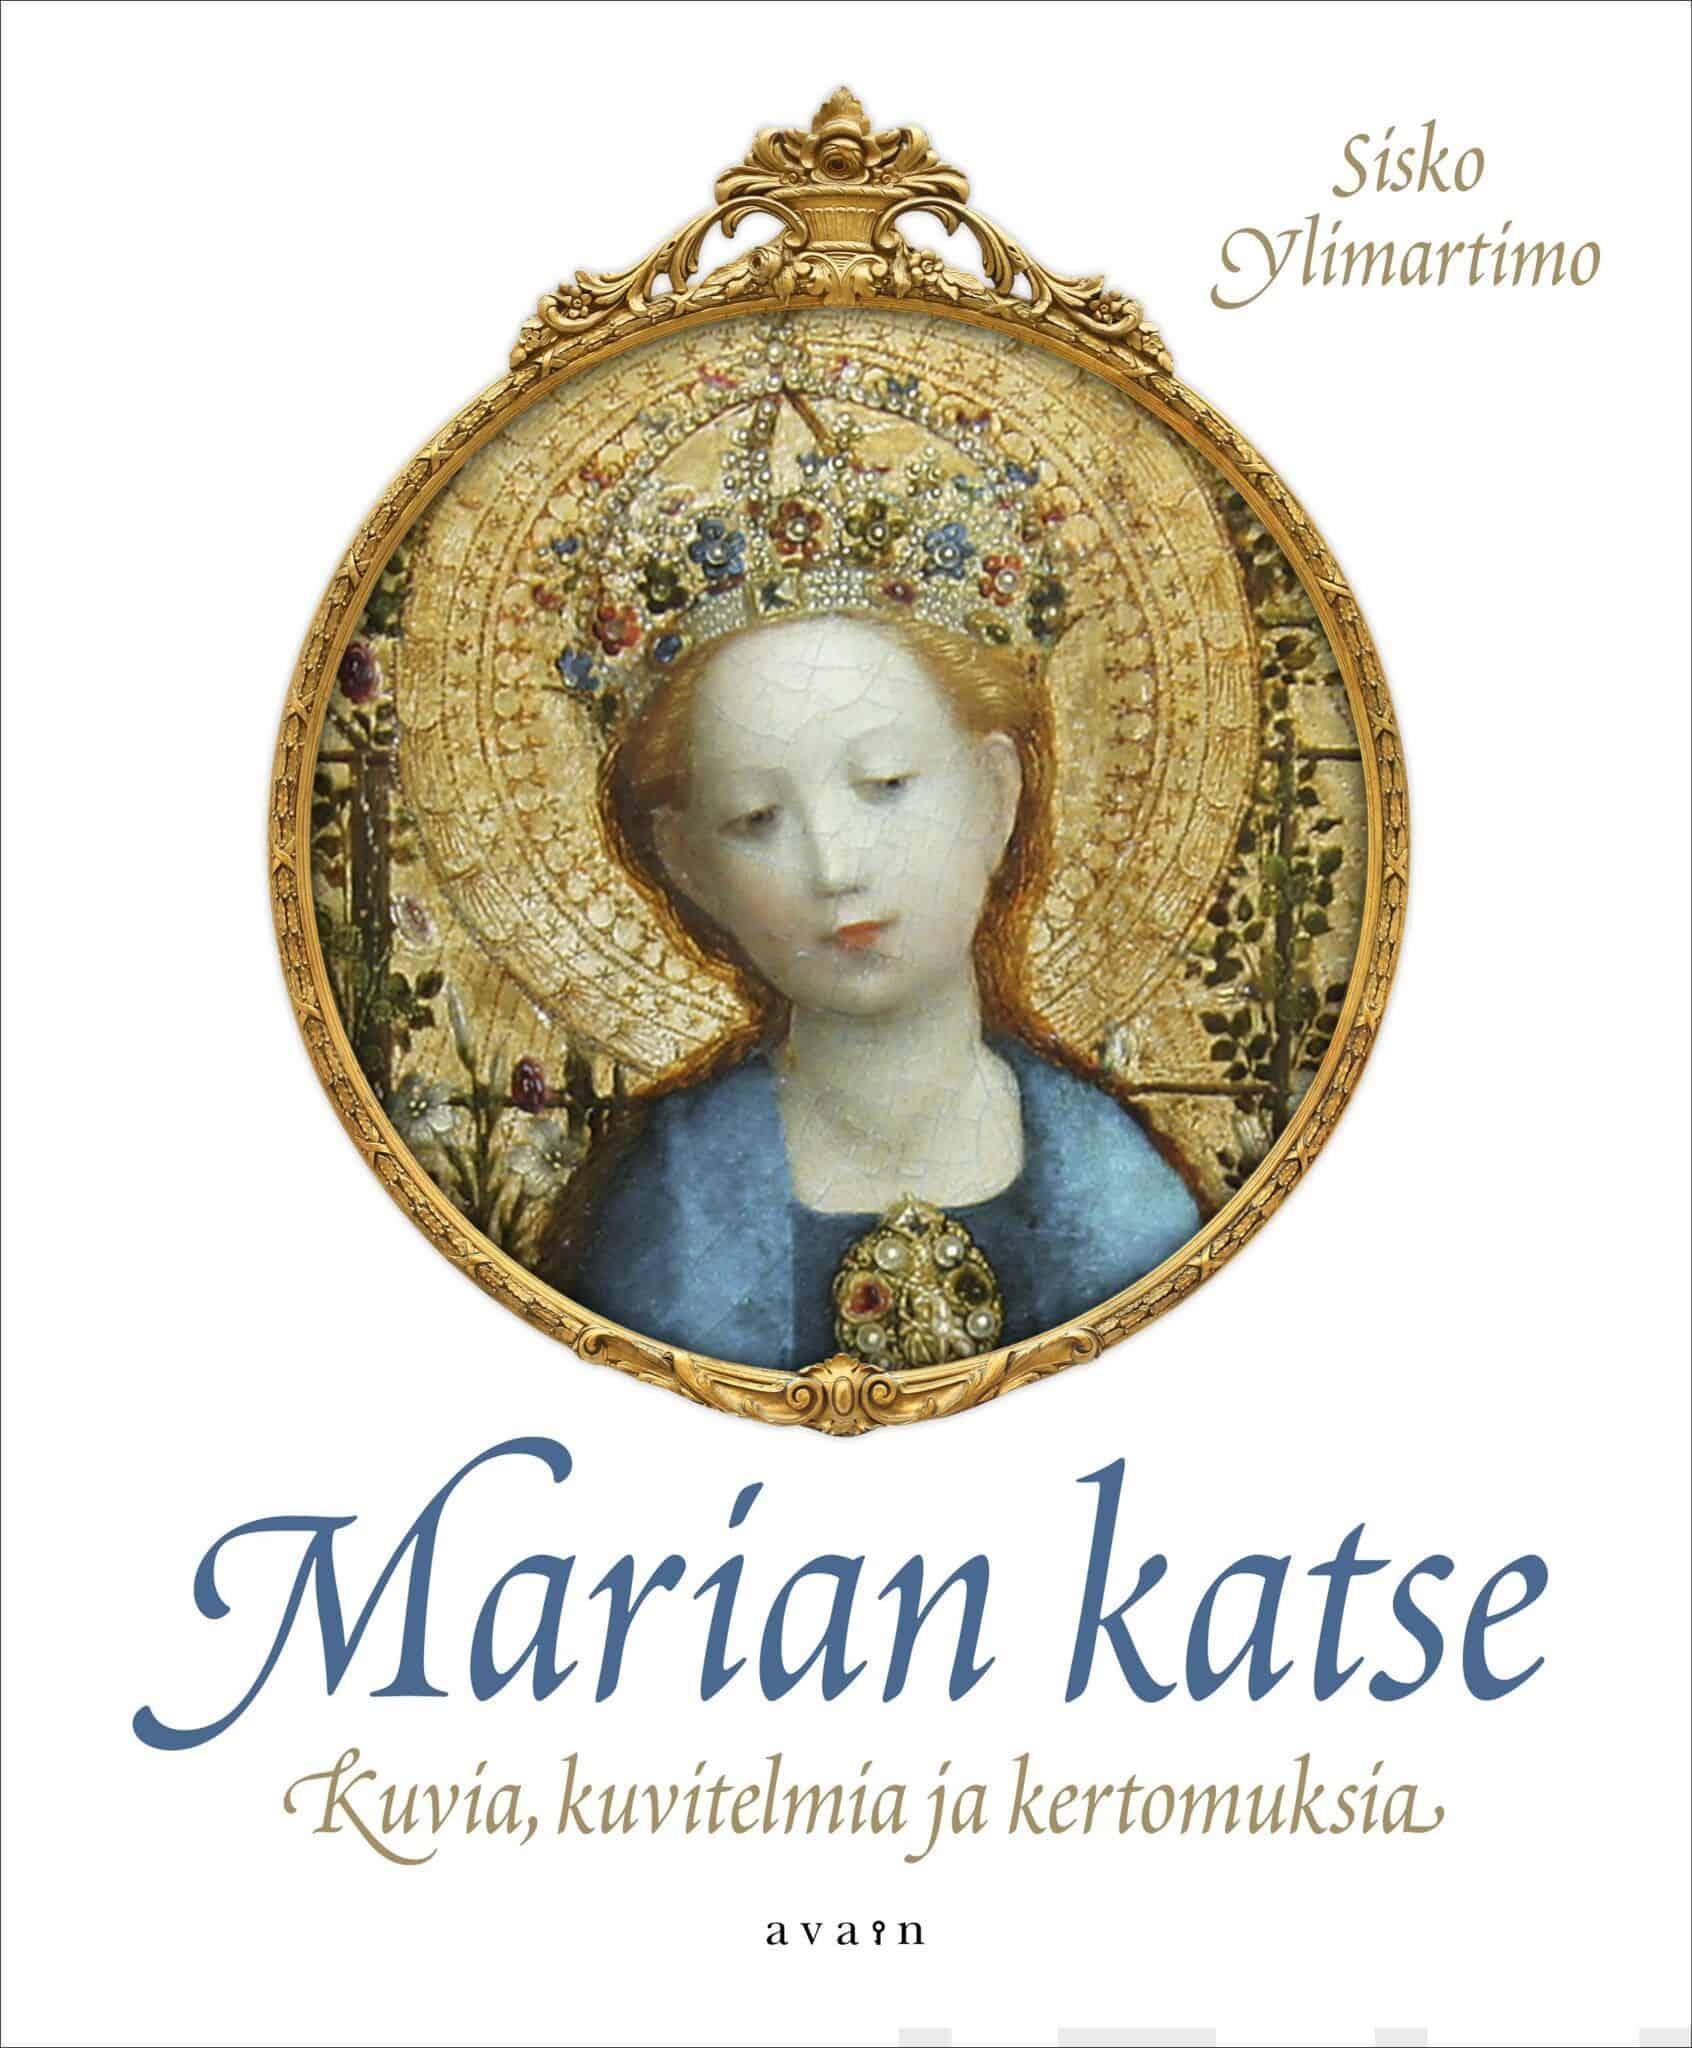 Marian katse